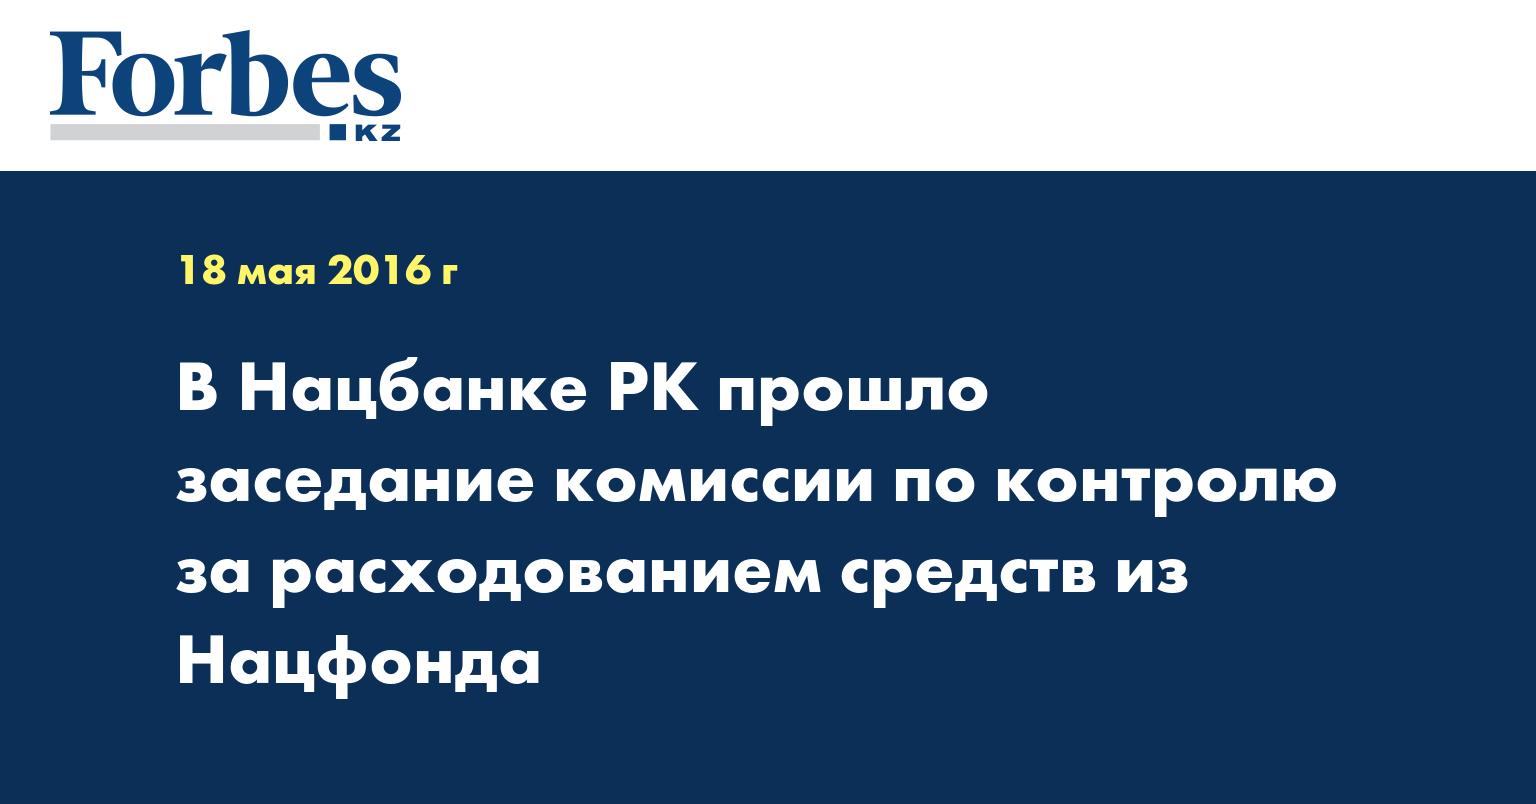 В Нацбанке РК прошло заседание комиссии по контролю за расходованием средств из Нацфонда